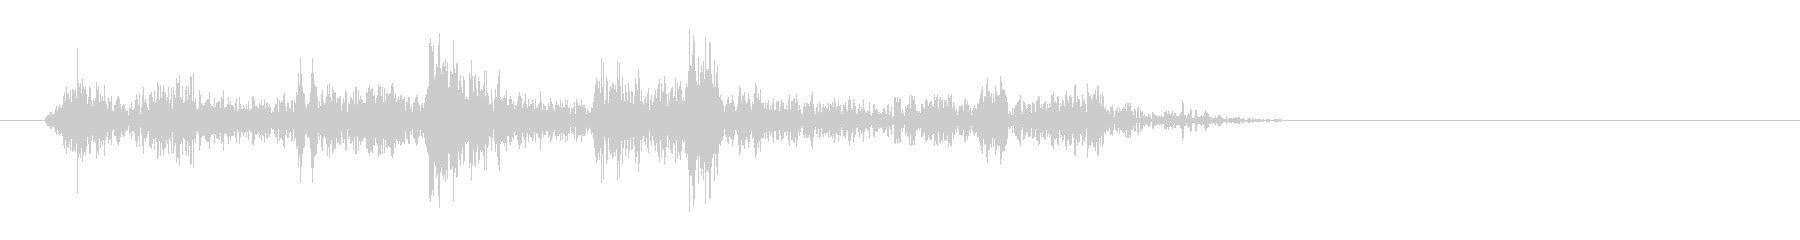 グワワッ(コミカル)の未再生の波形